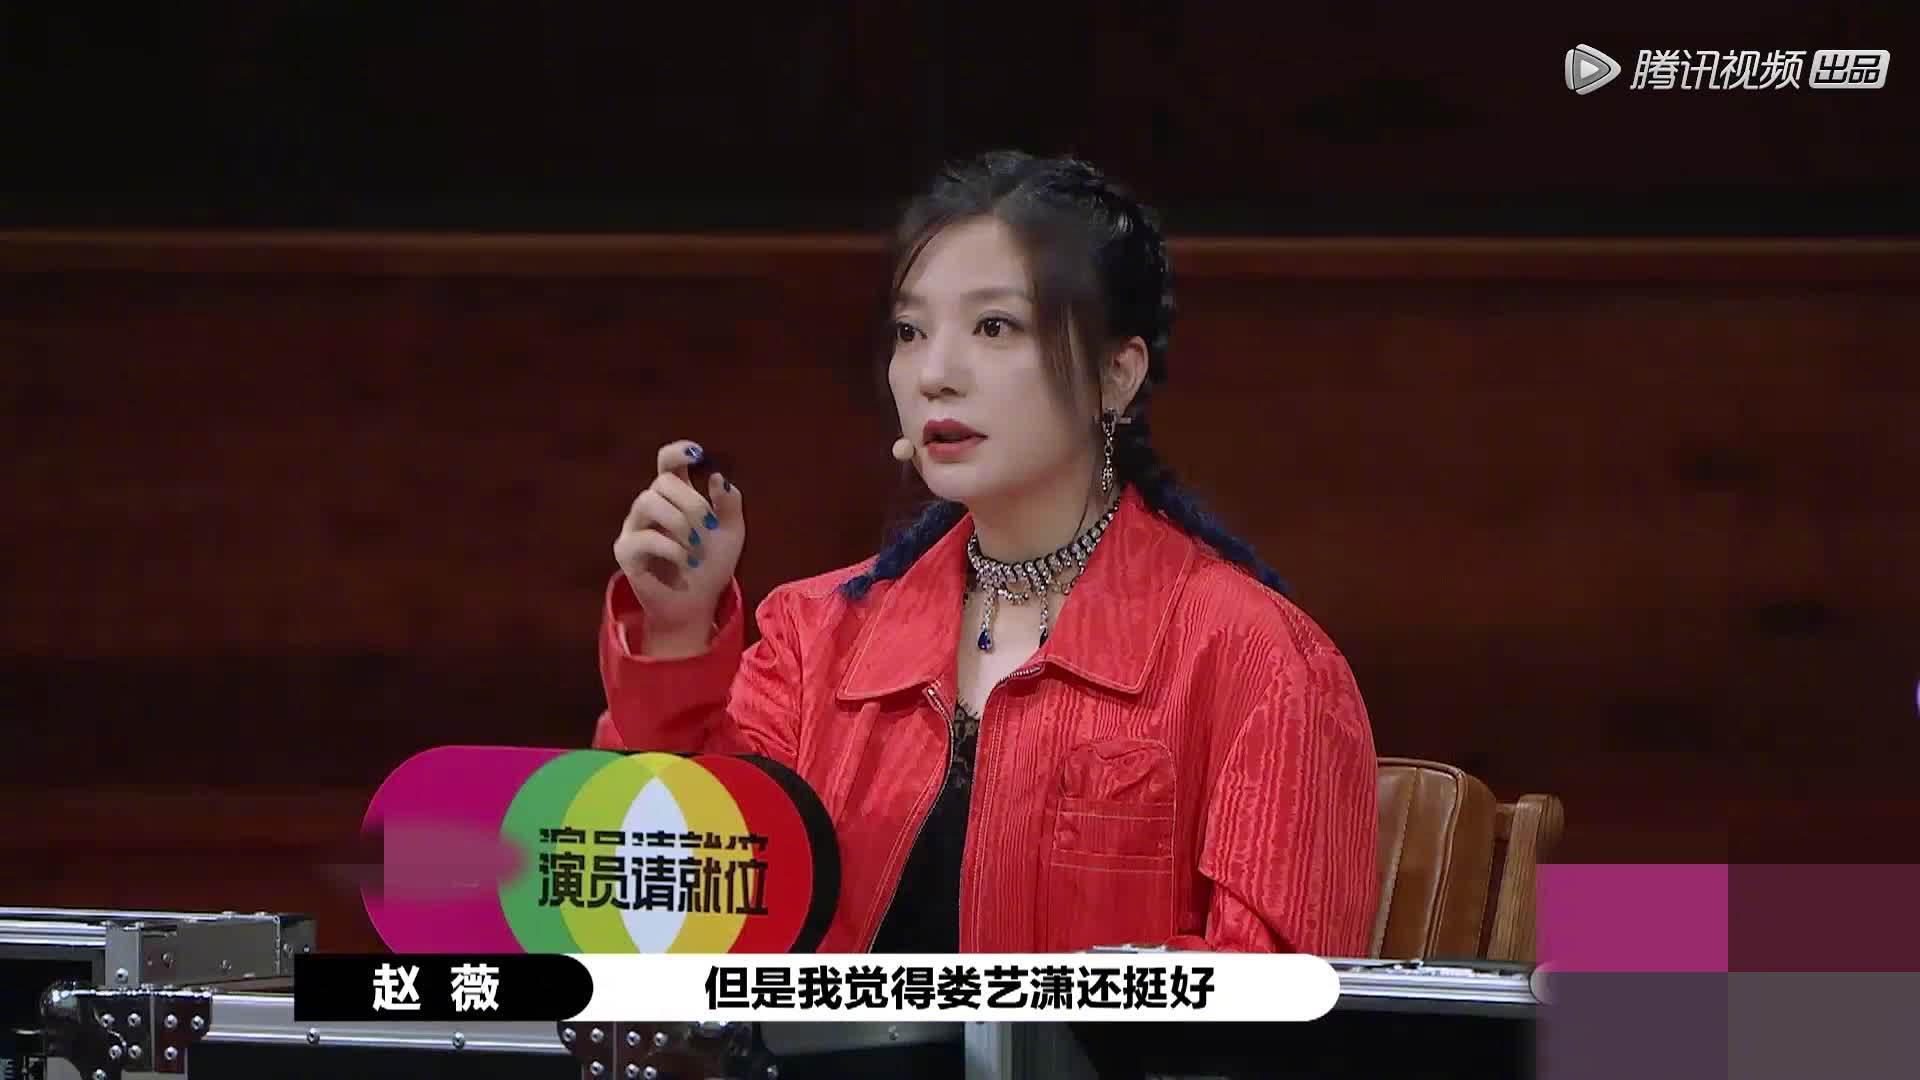 本期《演员请就位》中,@娄艺潇 扮演《门徒》中袁咏仪的角色……